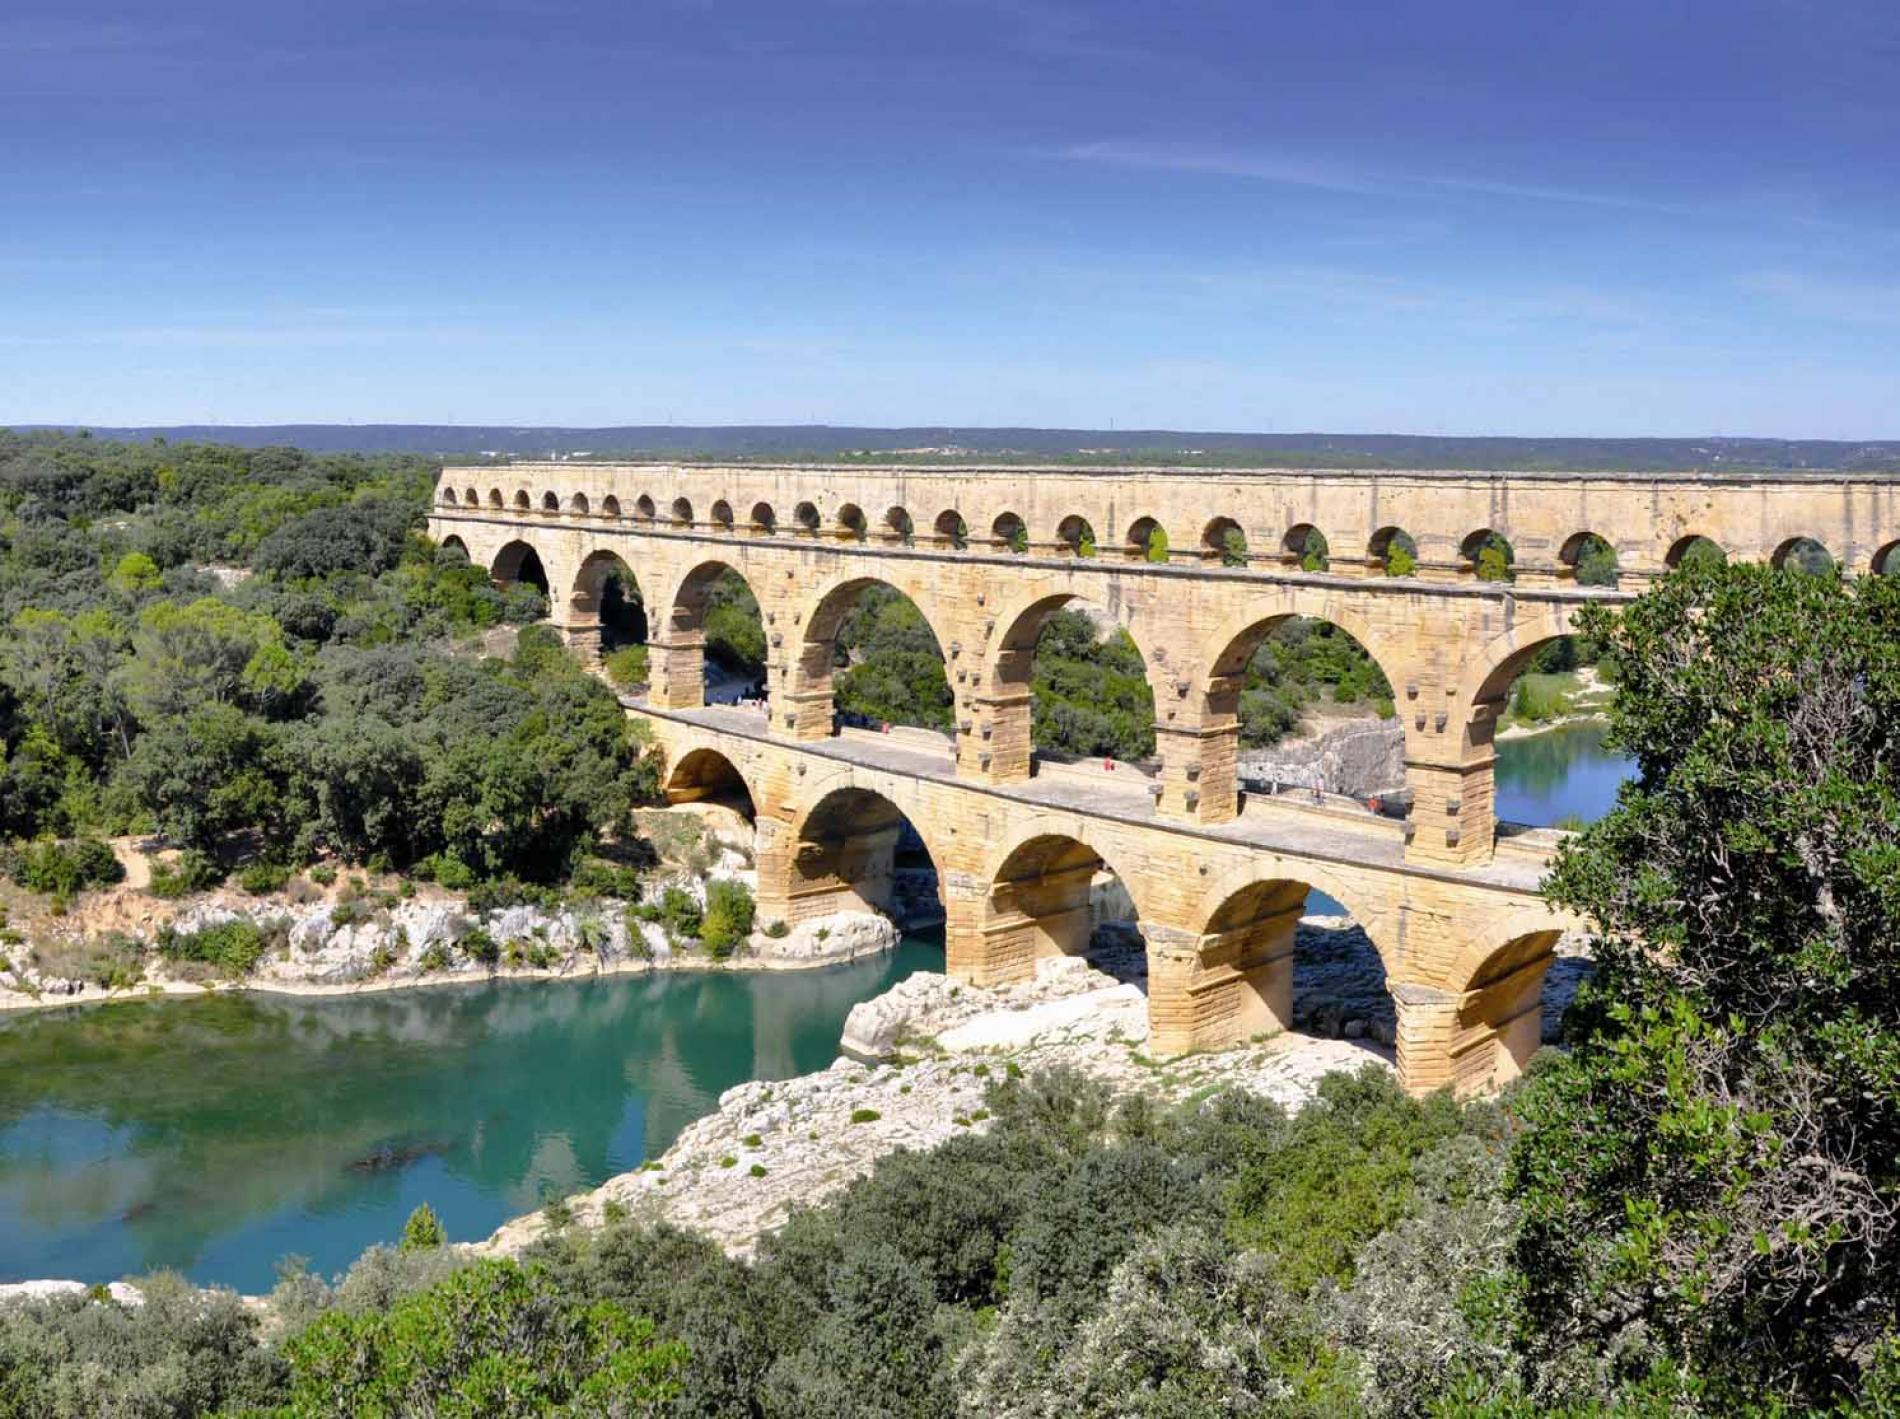 Le Pont du Gard, Merveilles de l'Antiquité